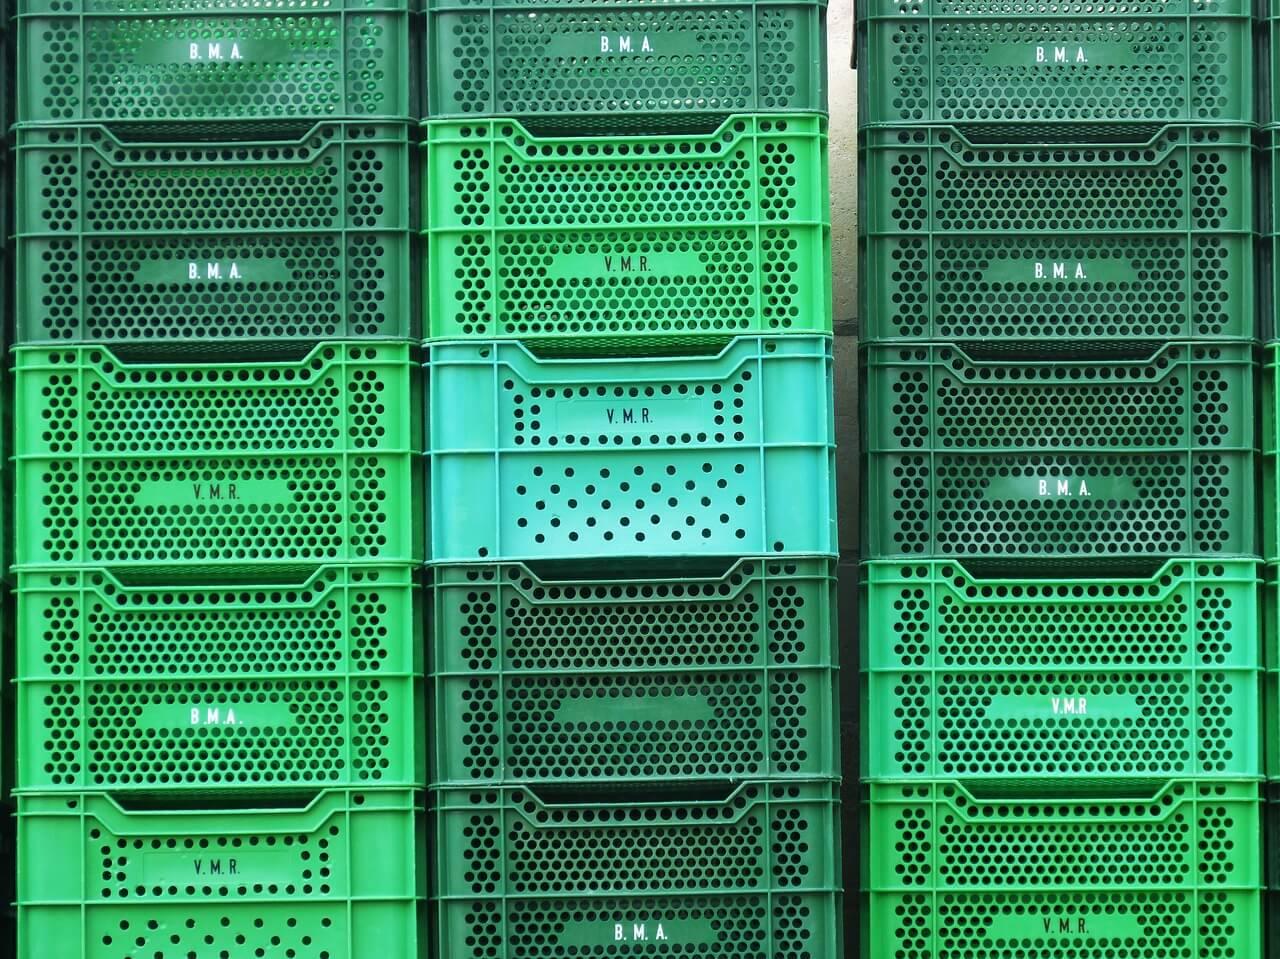 Producenci skrzynek plastikowych do transportu żywności w Polsce - lista 5 największych